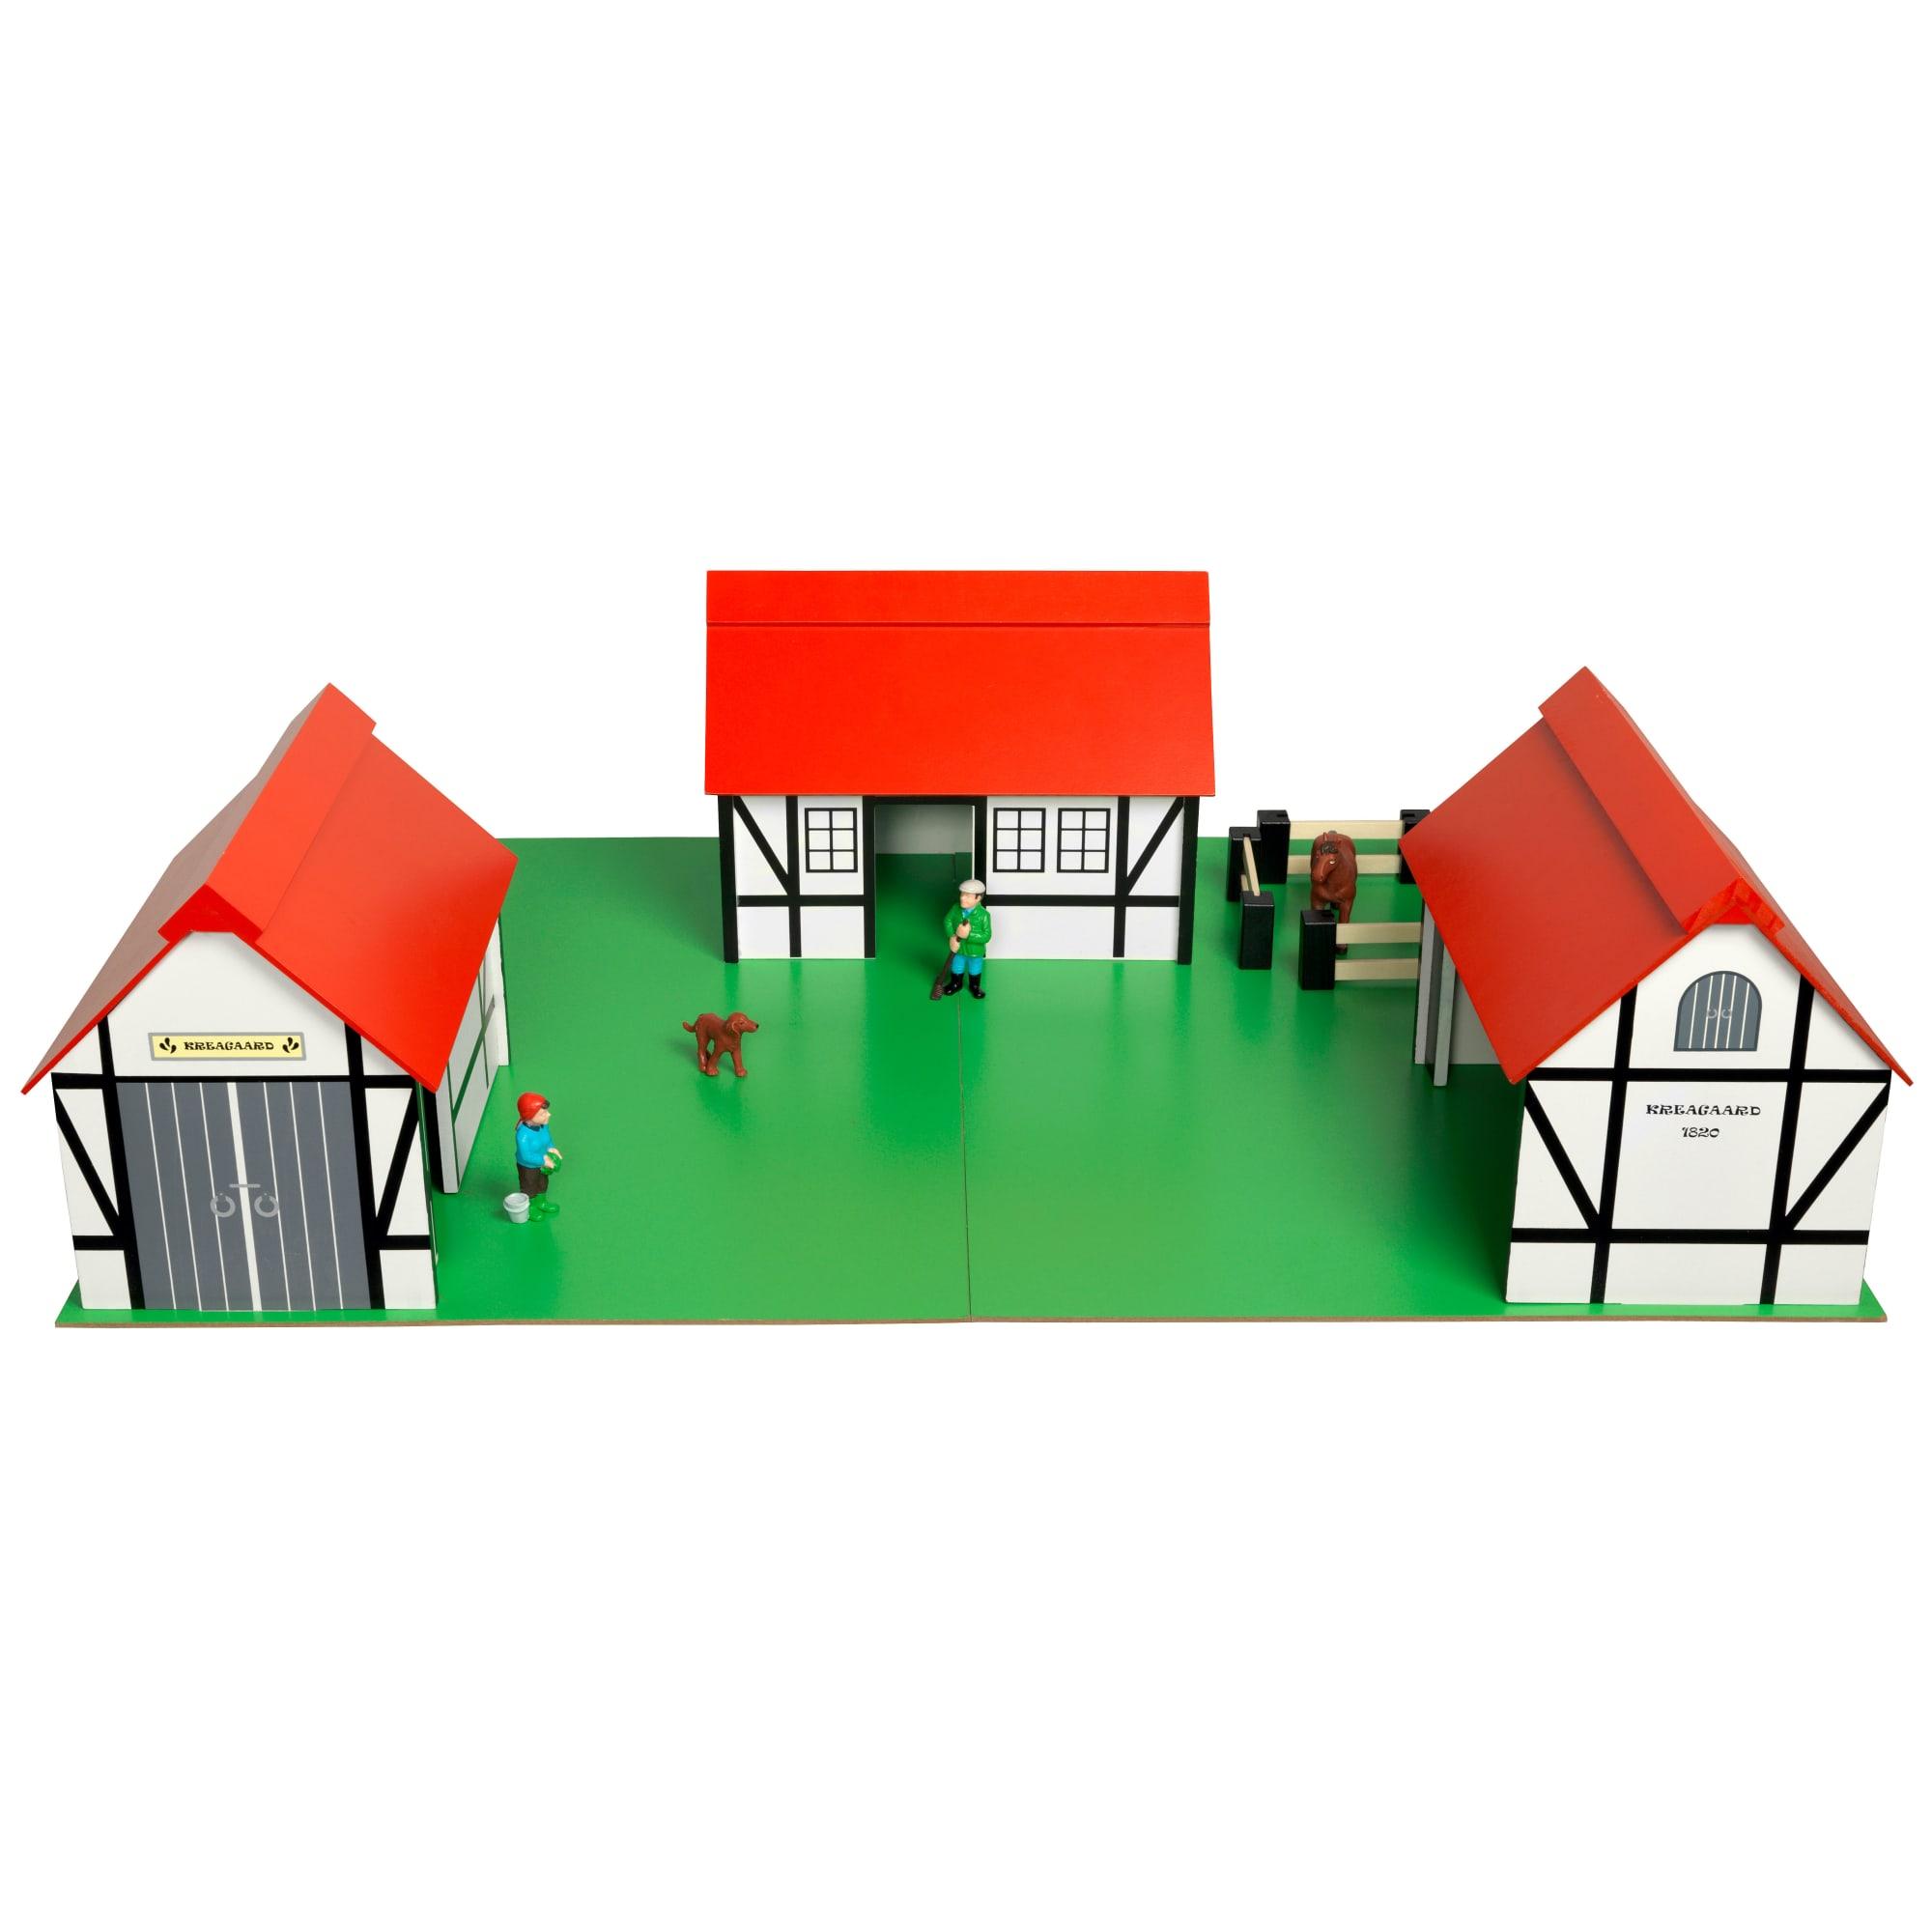 Med flytbare huse og sammenklappelig plade